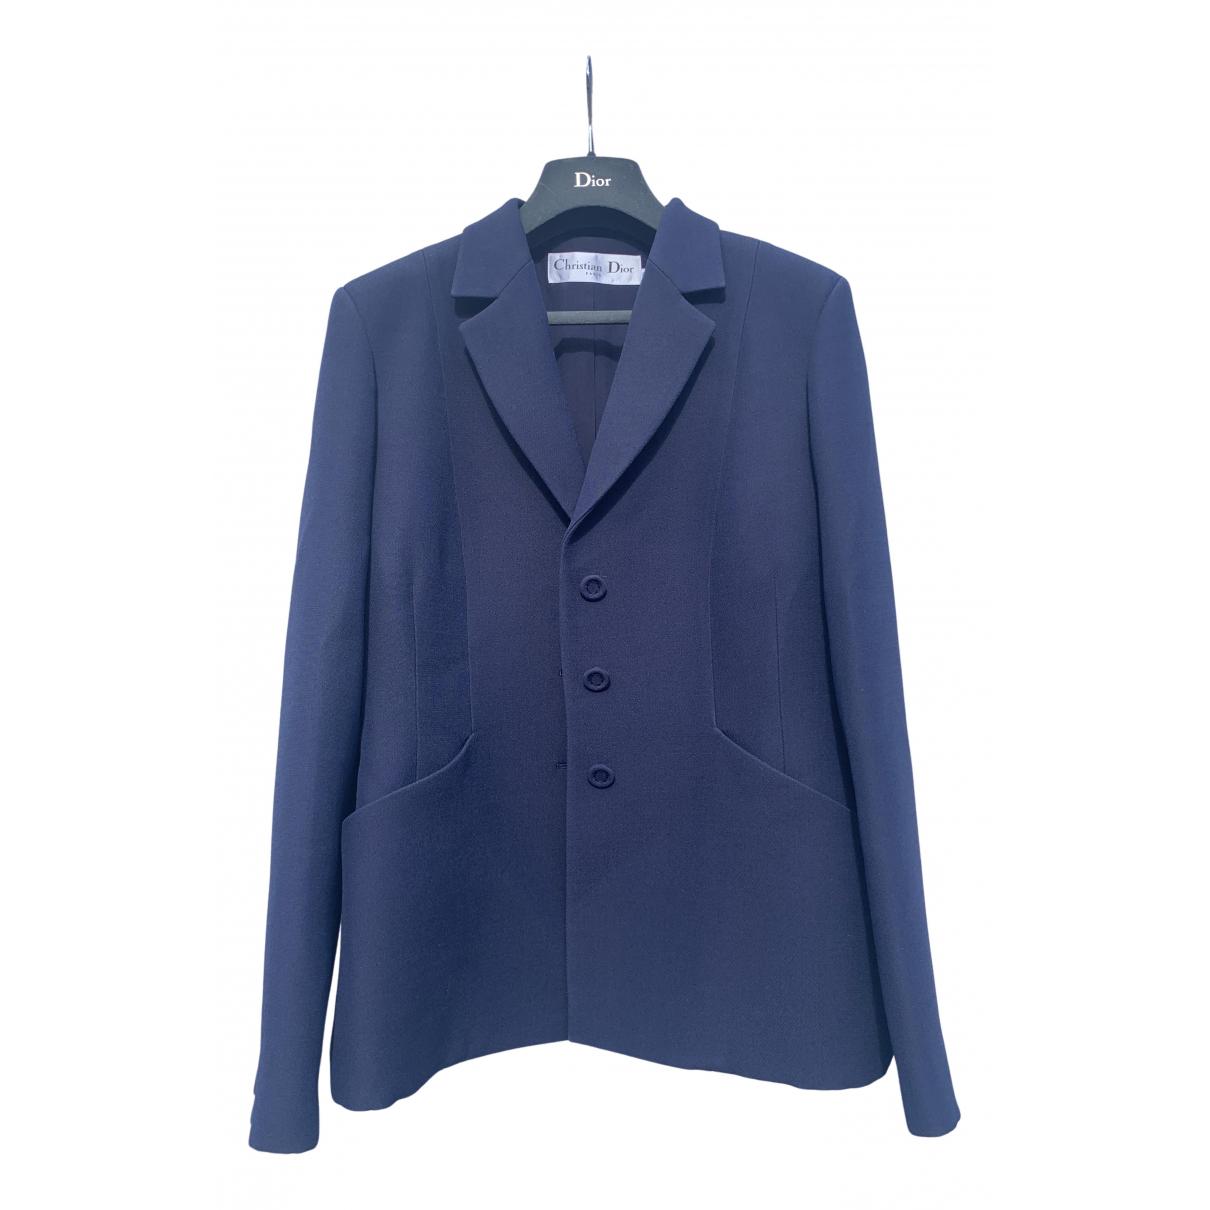 Dior - Veste   pour femme en laine - bleu